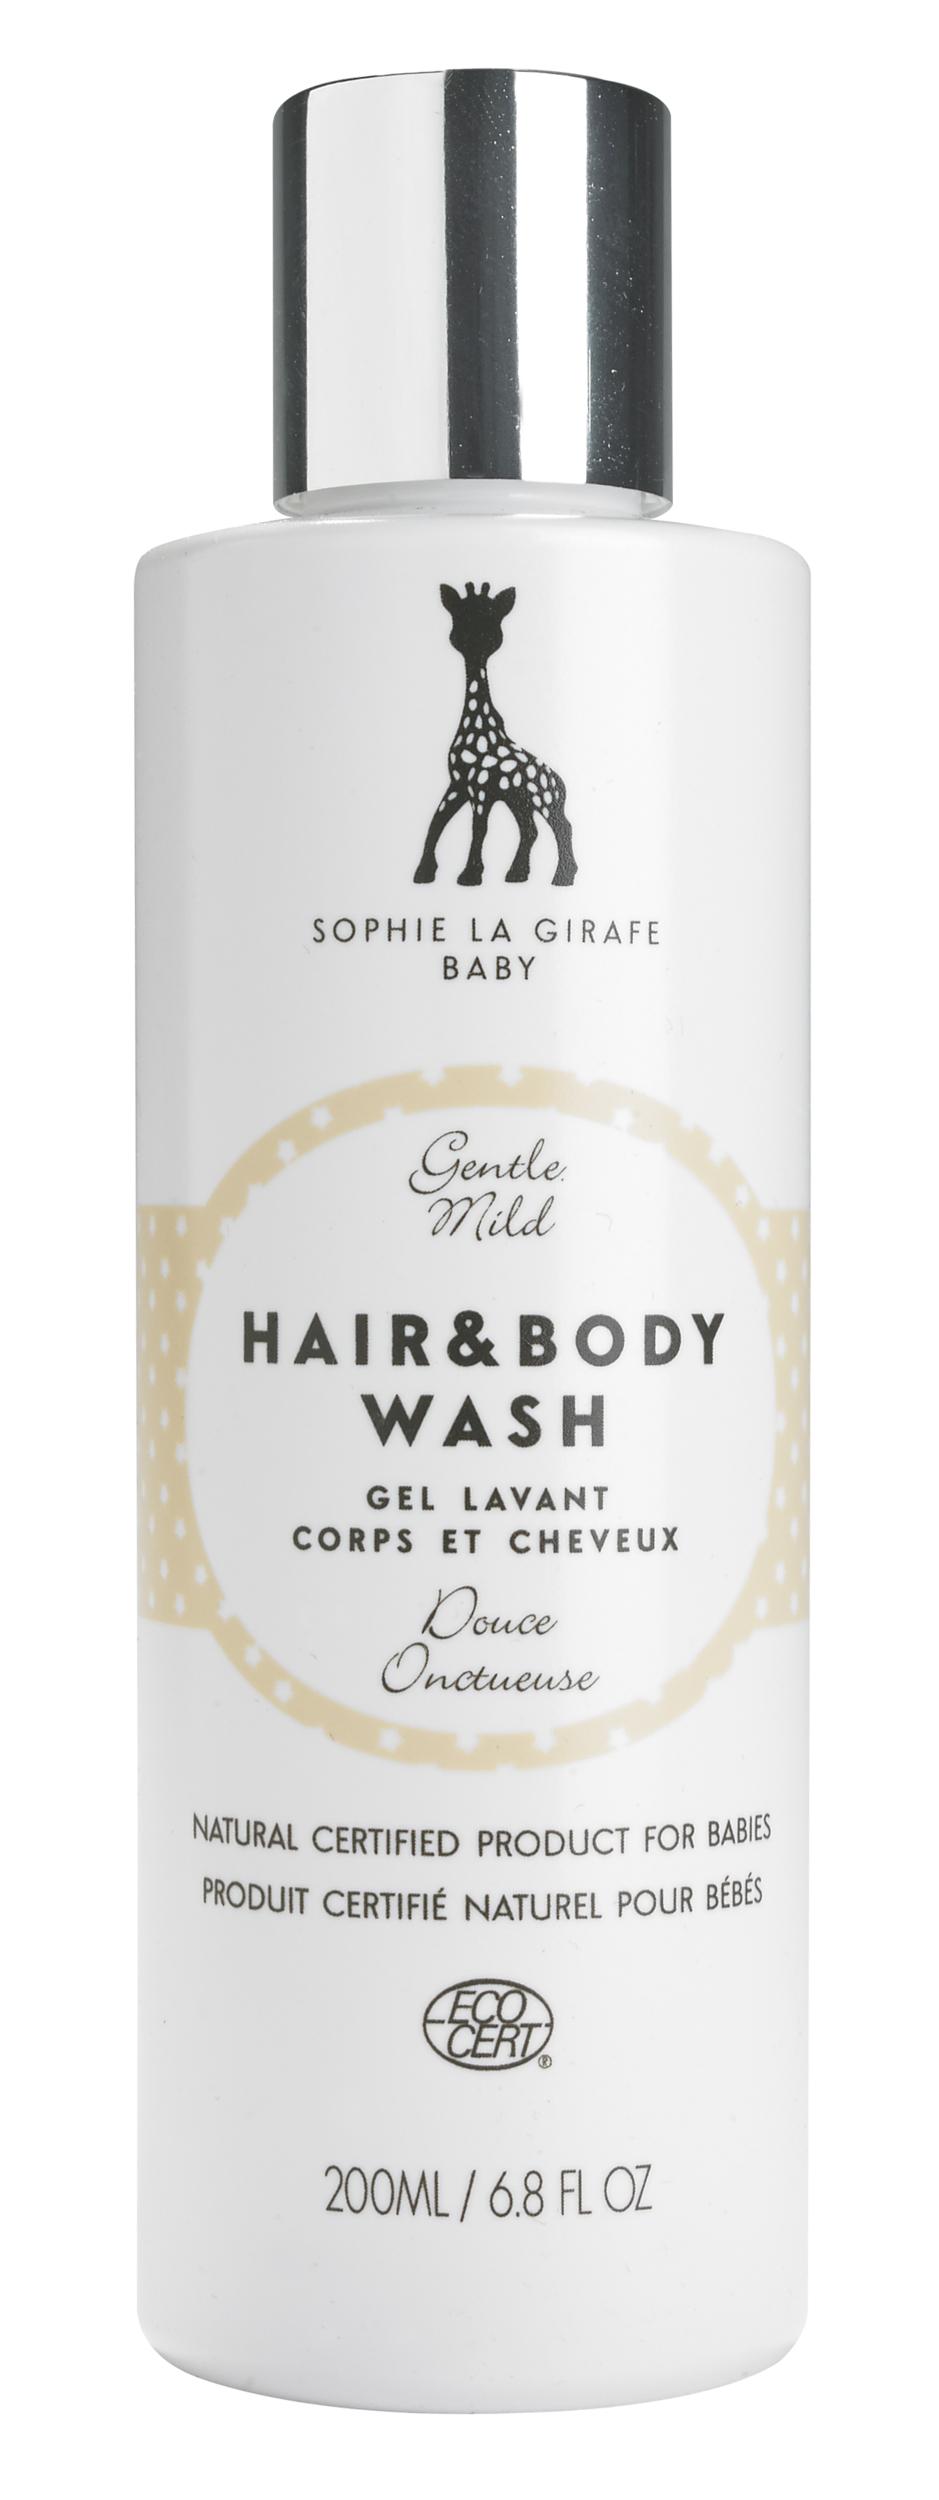 Sophie la girafe Baby - gel lavant corps et cheveux